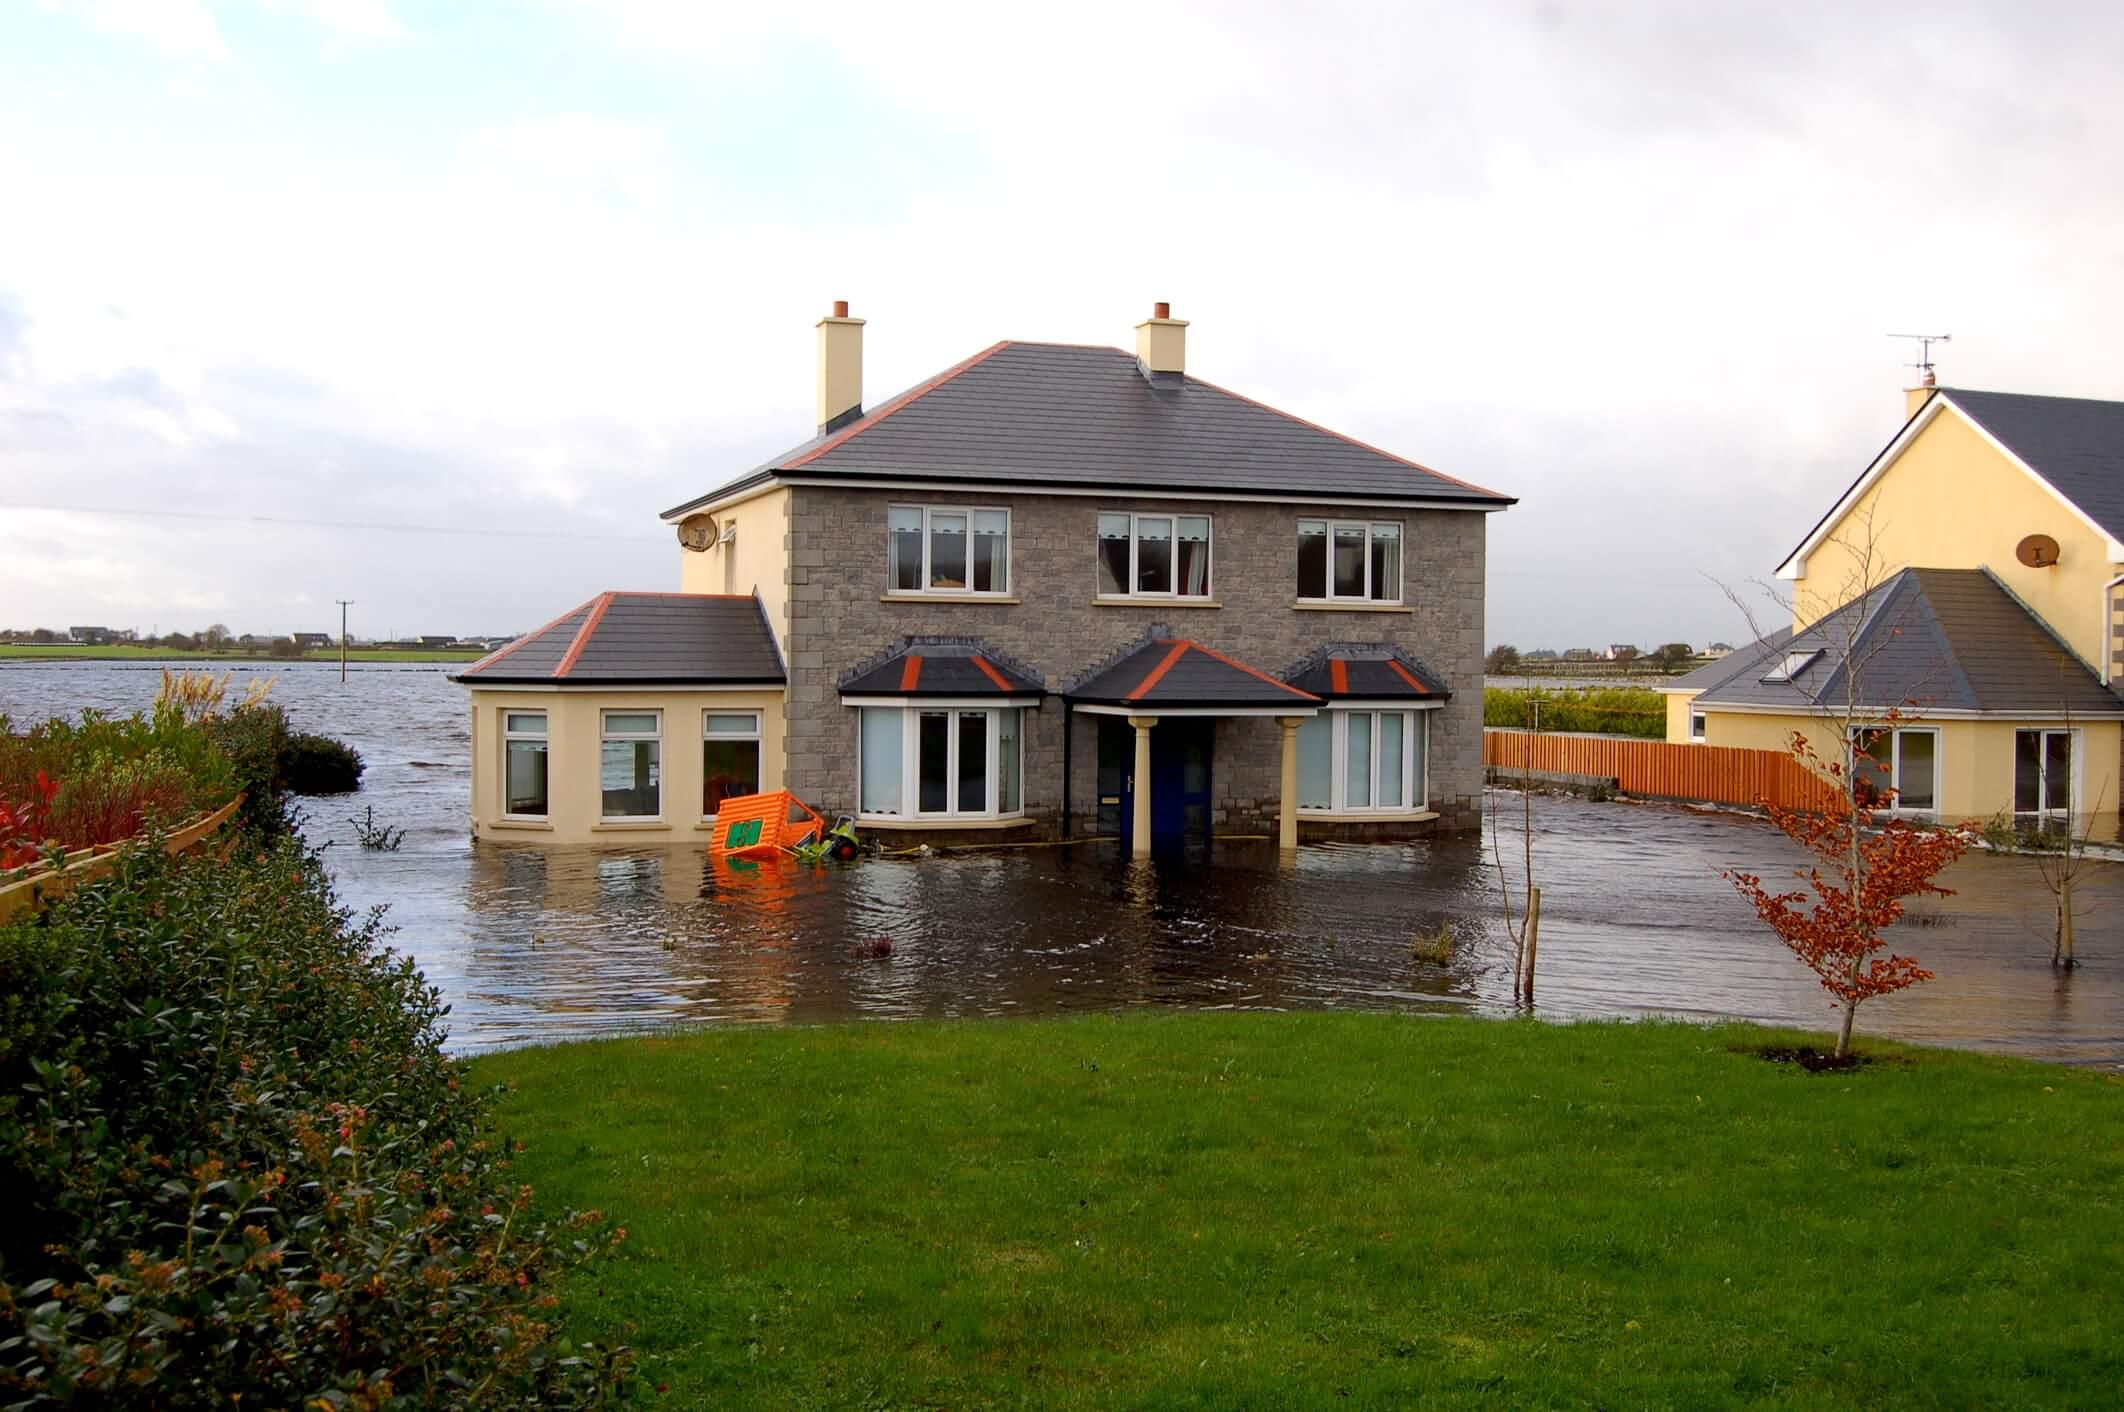 Fire & flood restoration work